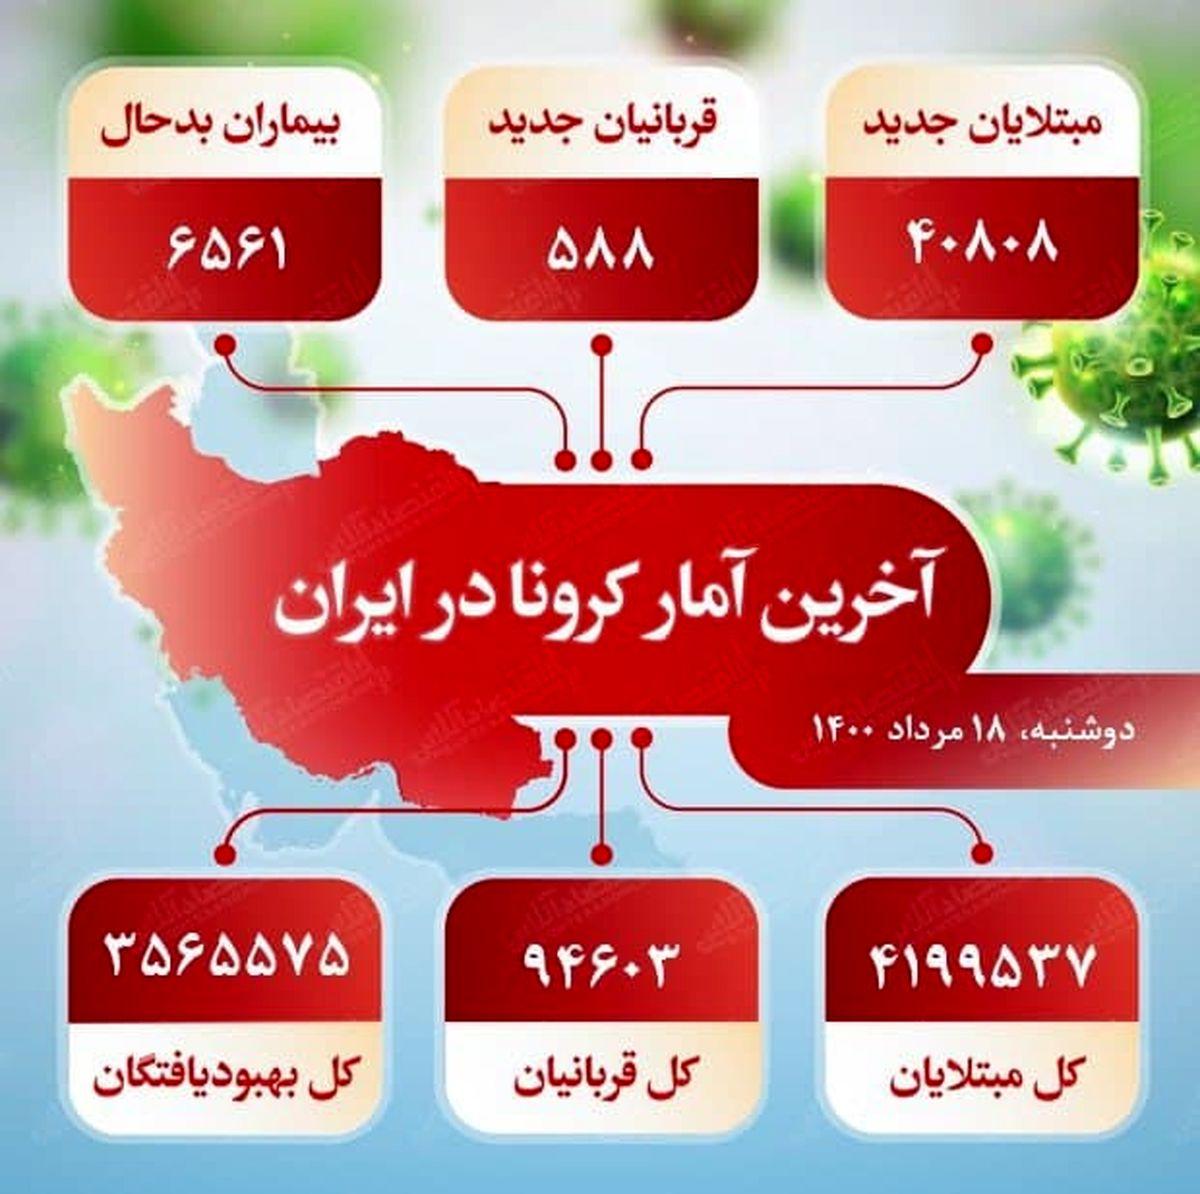 آخرین آمار کرونا در ایران (۱۴۰۰/۵/۱۸)